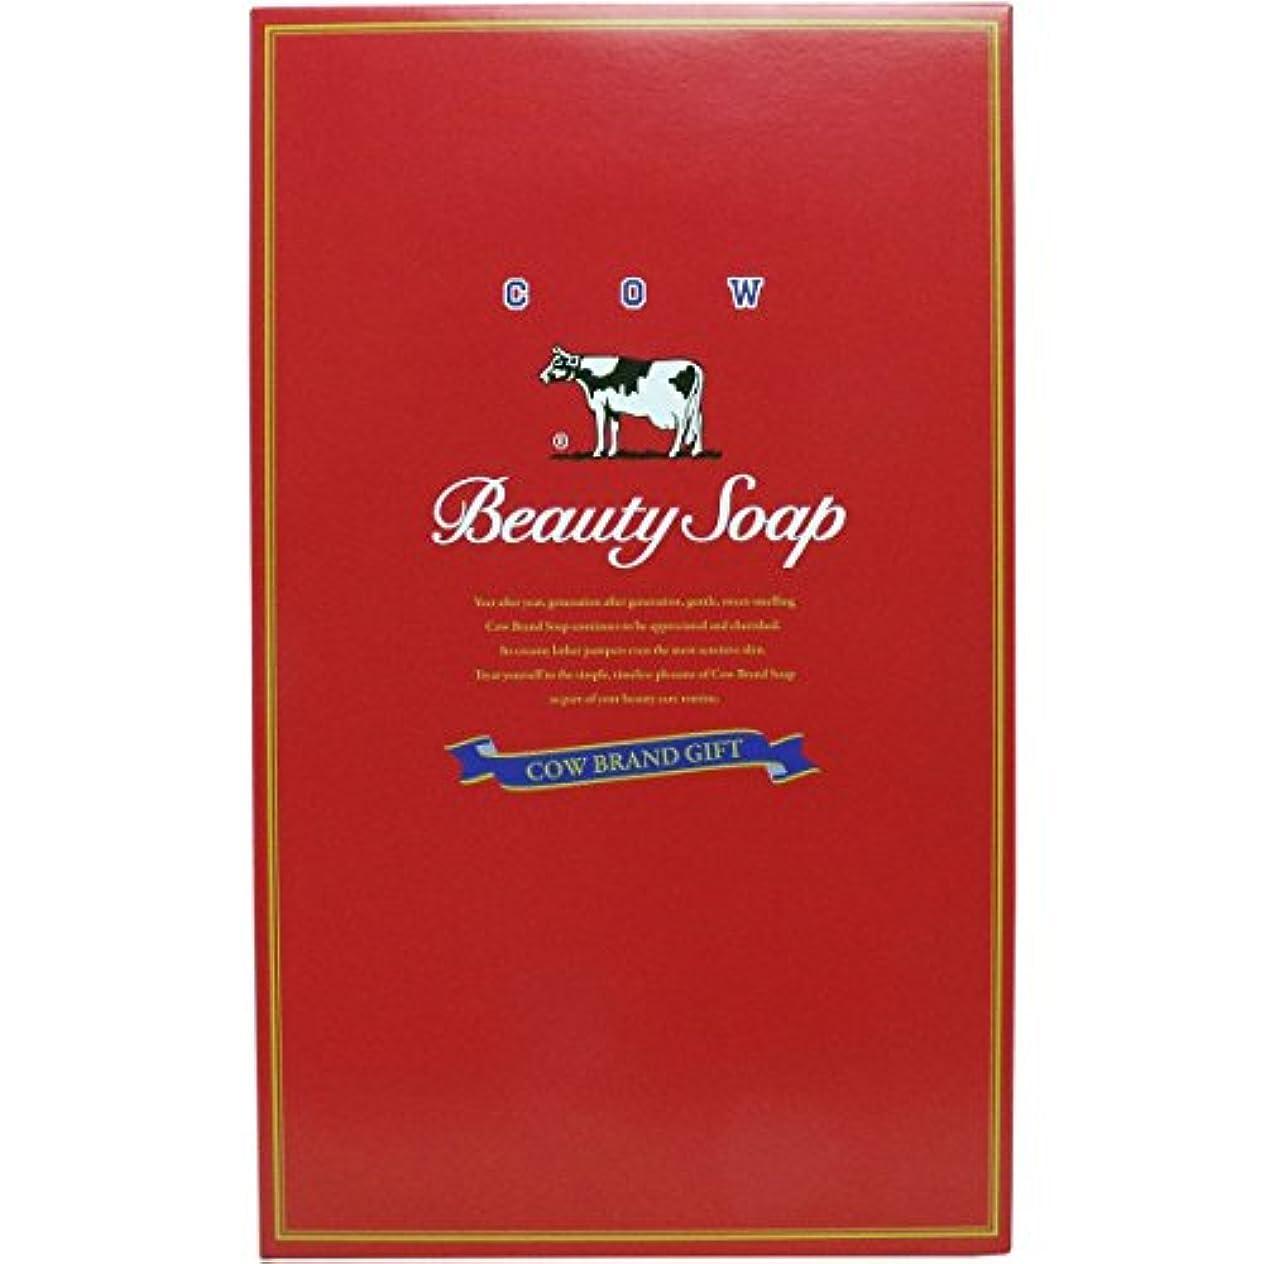 妊娠したドラゴン一流牛乳石鹸共進社 カウブランド石鹸 赤箱 100g×10個×3箱